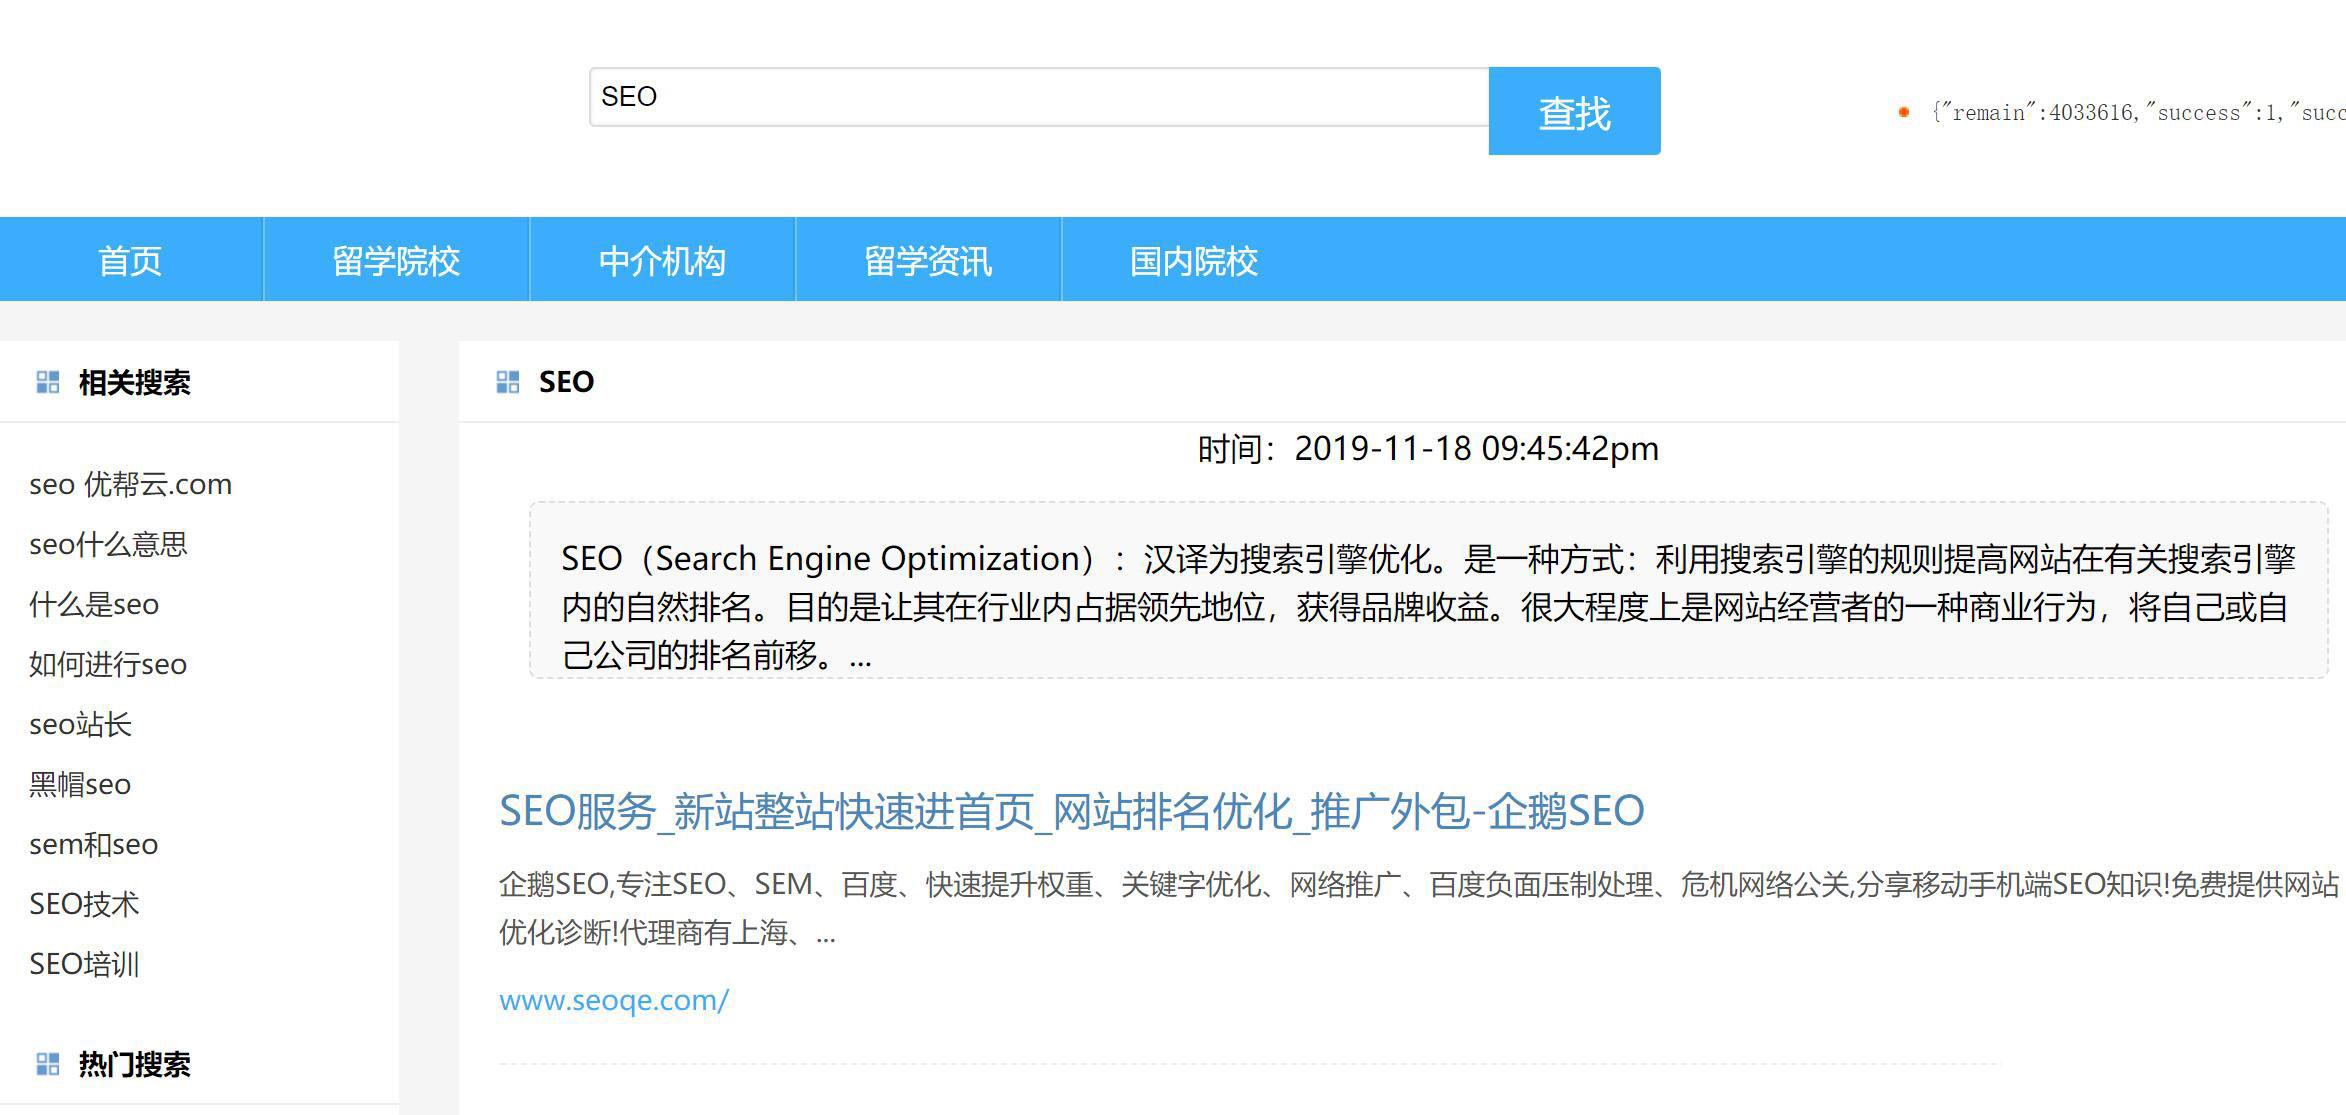 V3.0聚合搜索站群软件程序源码泛解析二级目录mip自动推送